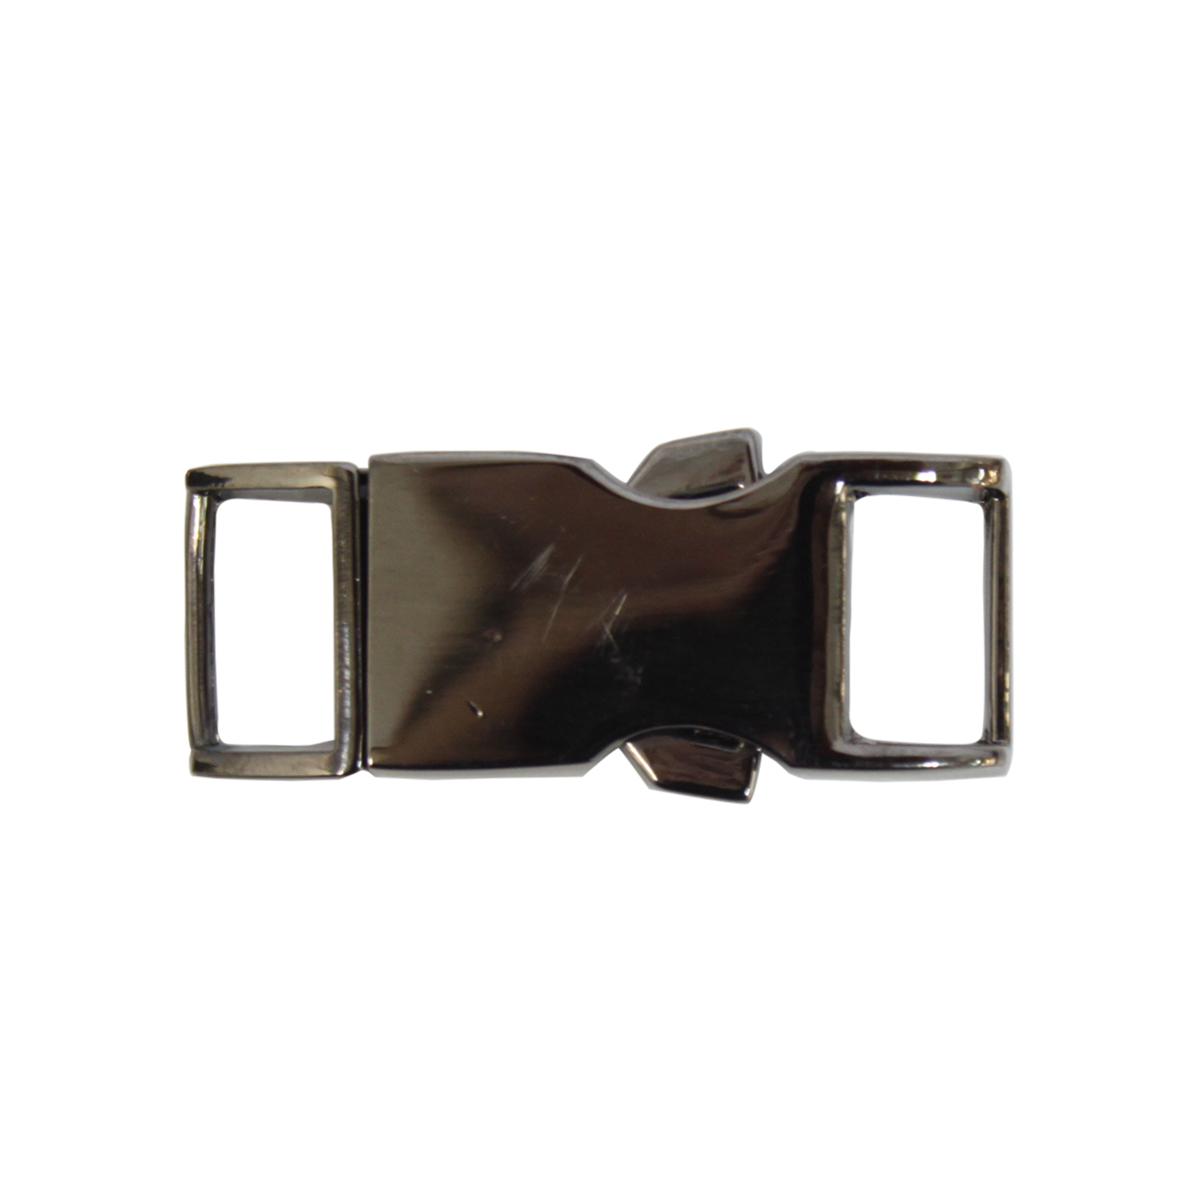 ГНУ14421 (НРЕ1105) Фастекс 10мм ушко, 34*14мм (черный никель)